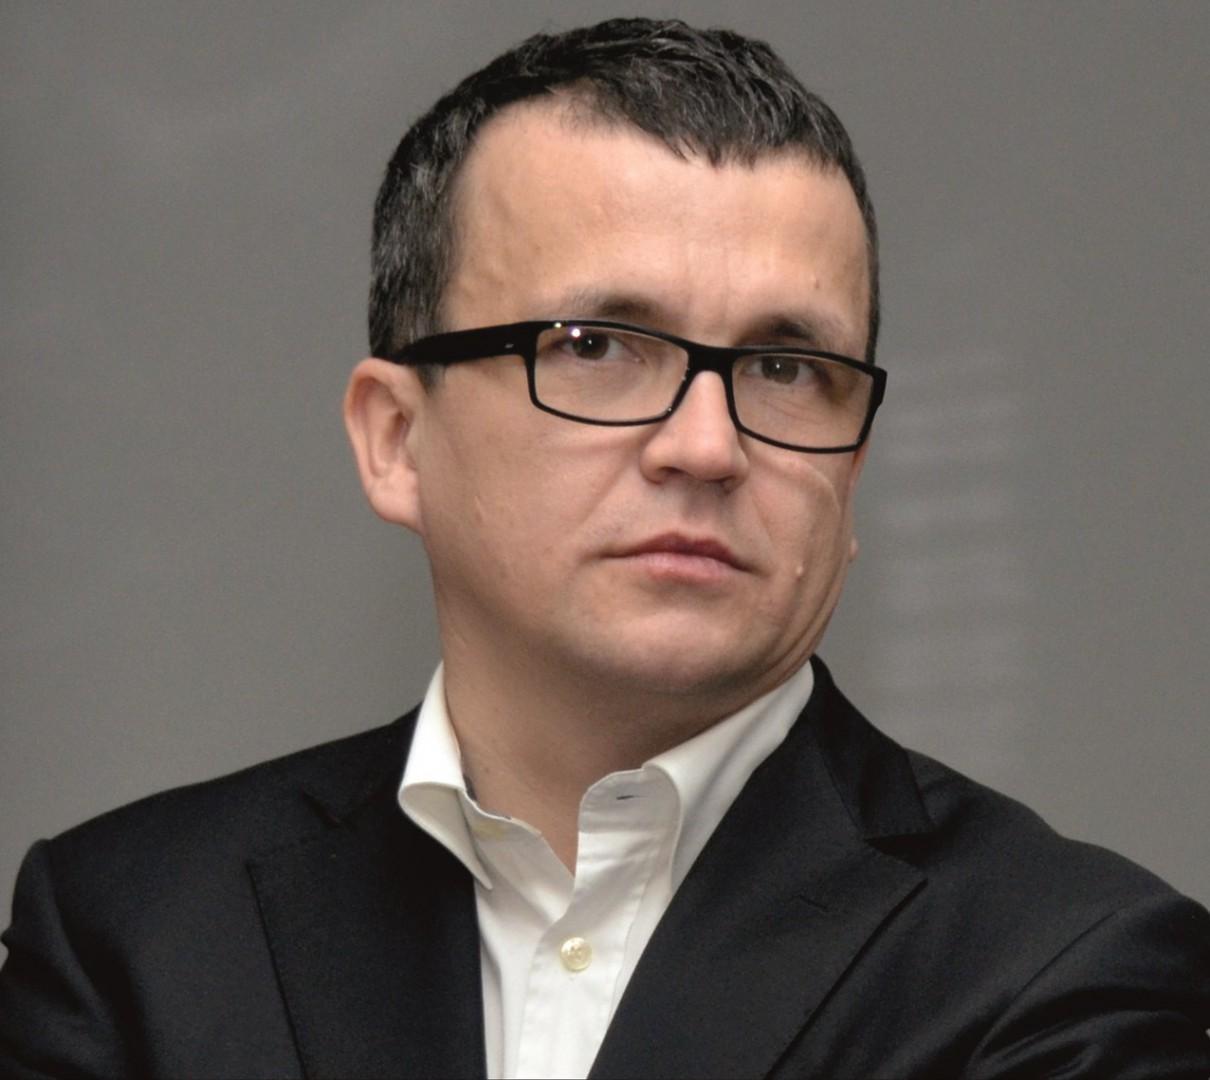 Tomasz Defratyka. Fot. Archiwum